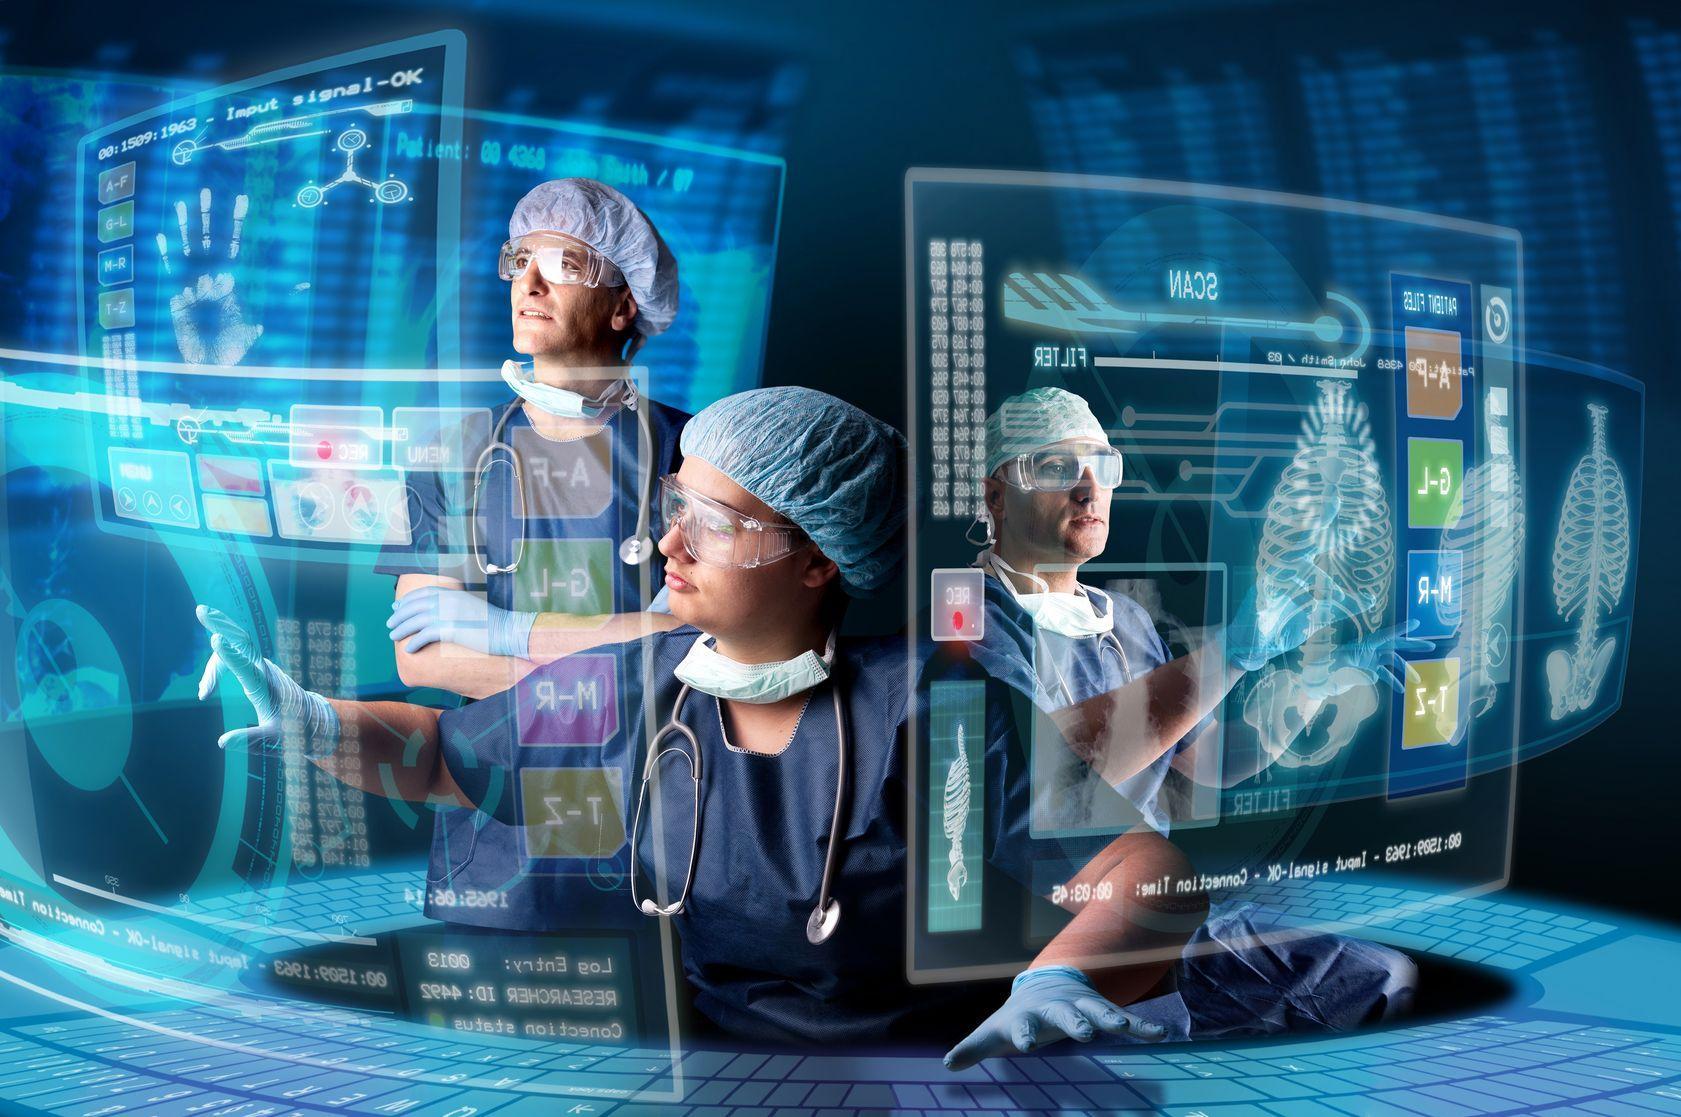 人工智能程序可1秒检测出肠癌 准确率达86%